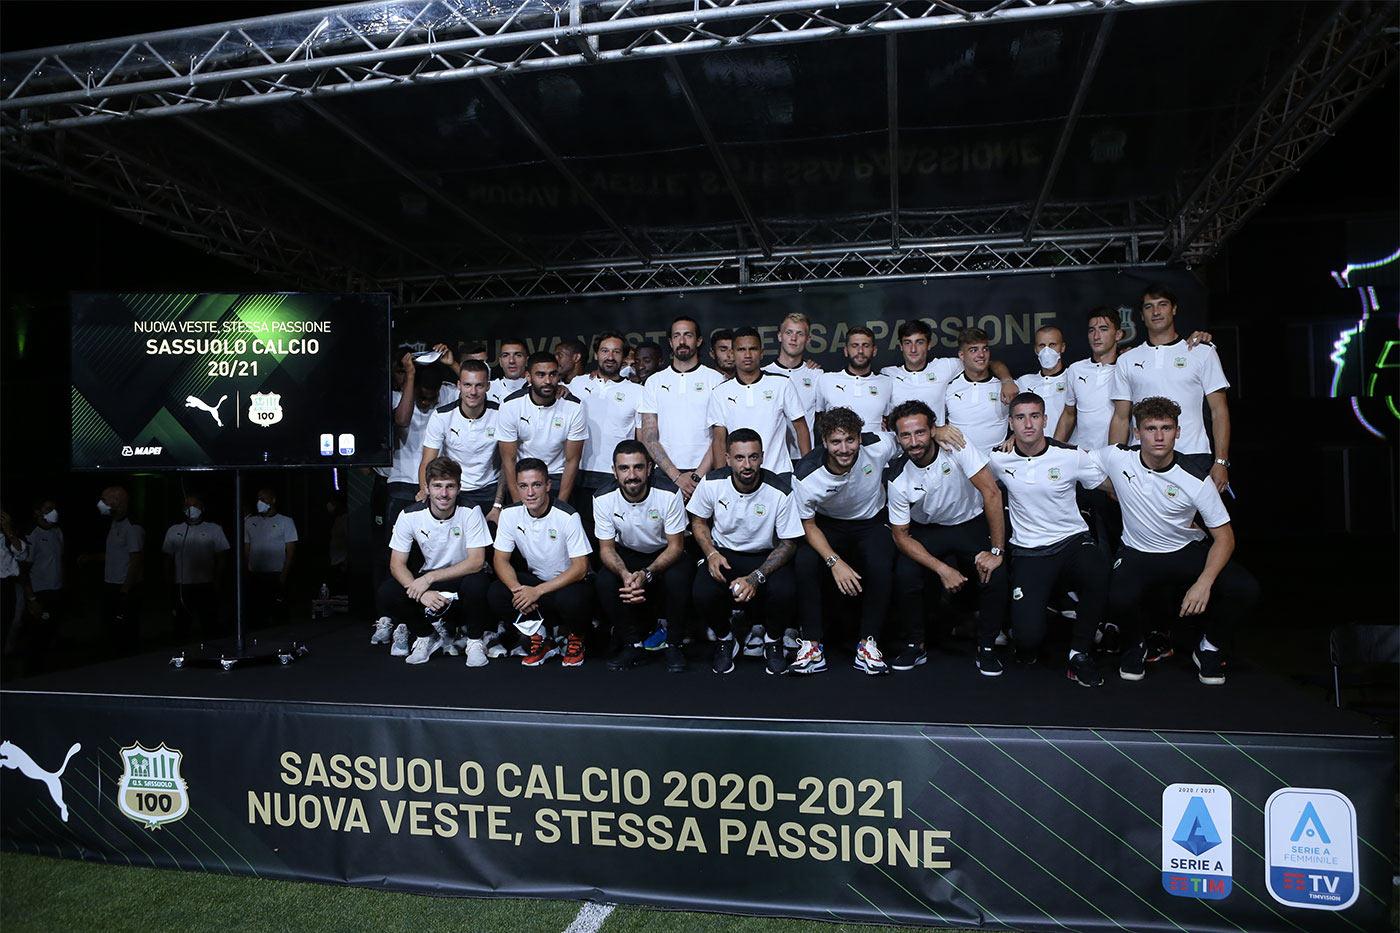 Maglie Sassuolo 2020-2021, il grande esordio di Puma